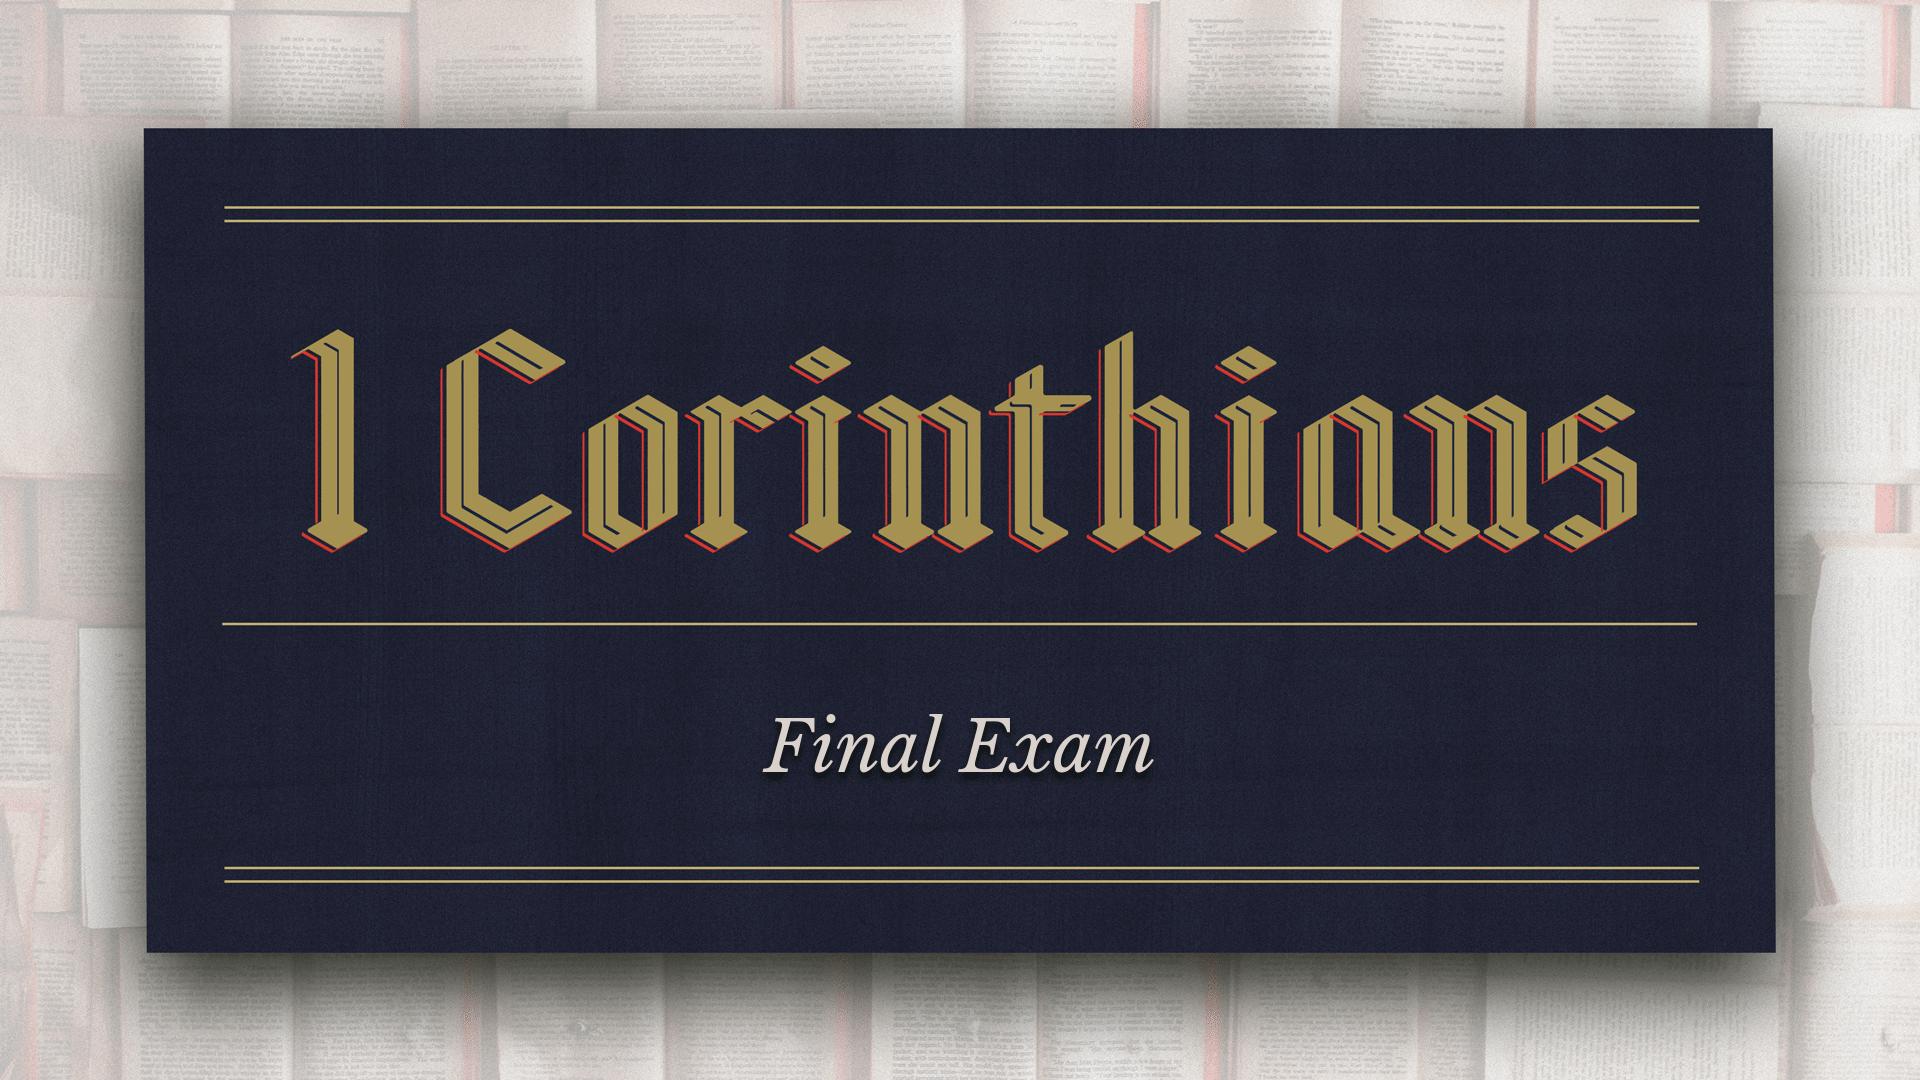 1 Corinthians 4: Final Exam